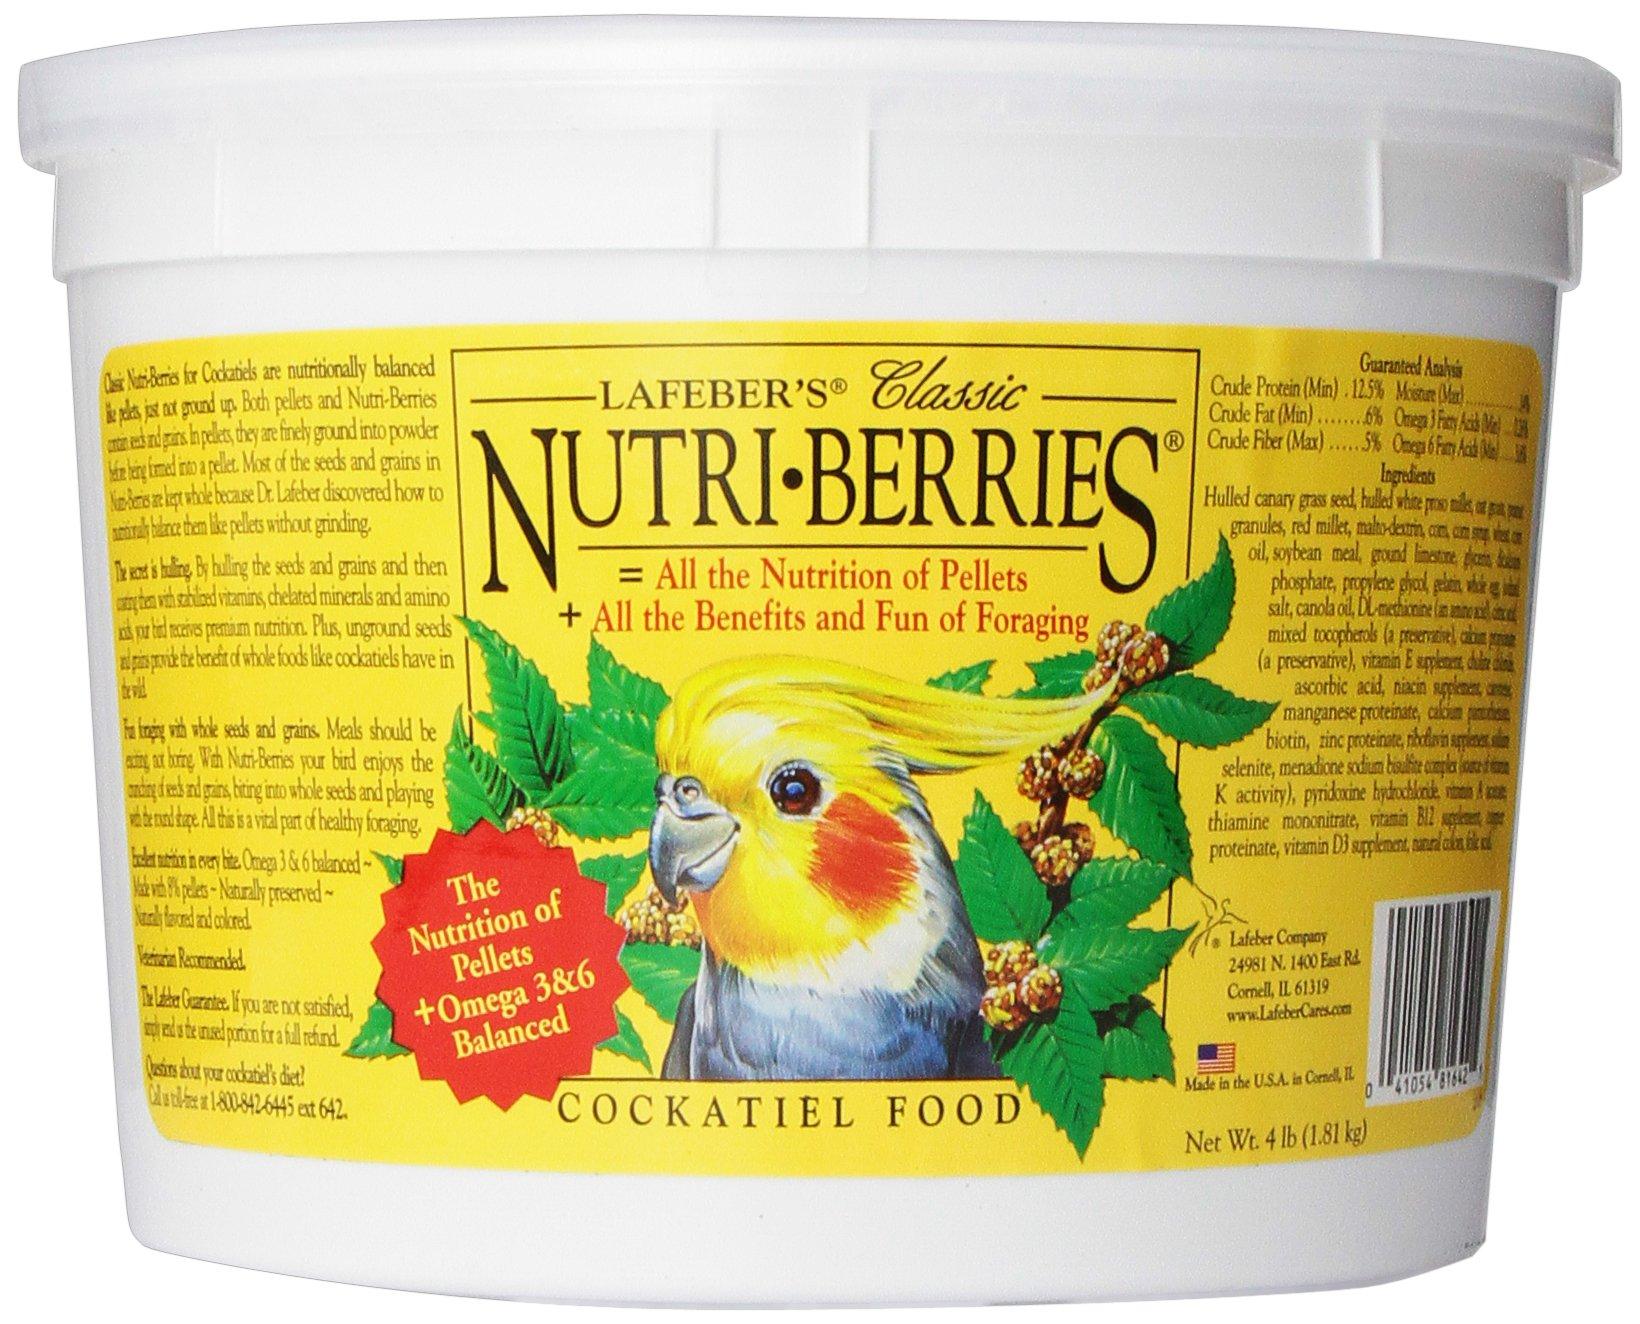 Cockatiel Nutri-Berries